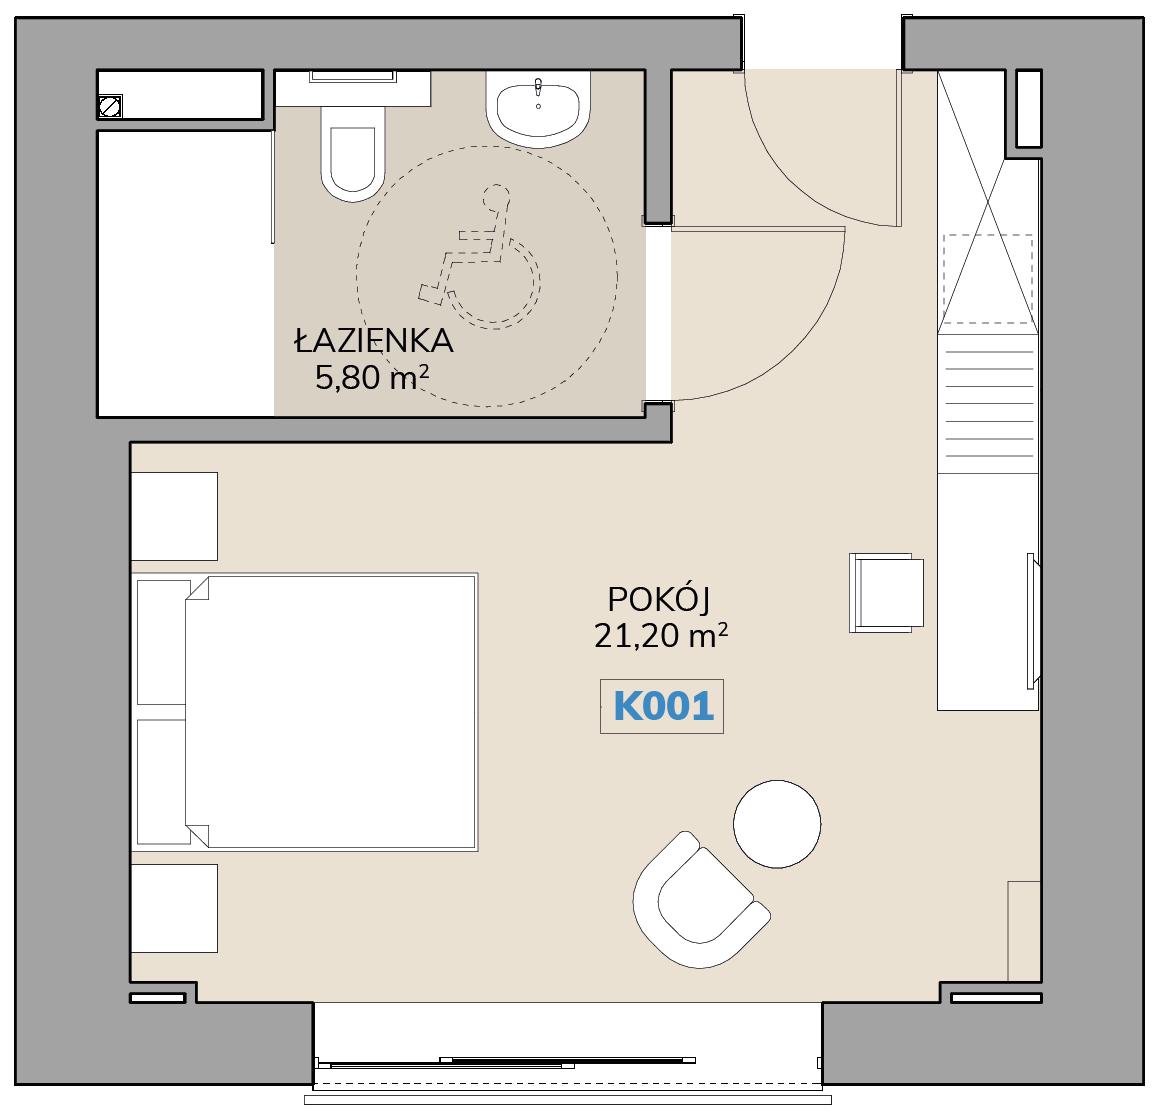 Apartament K001